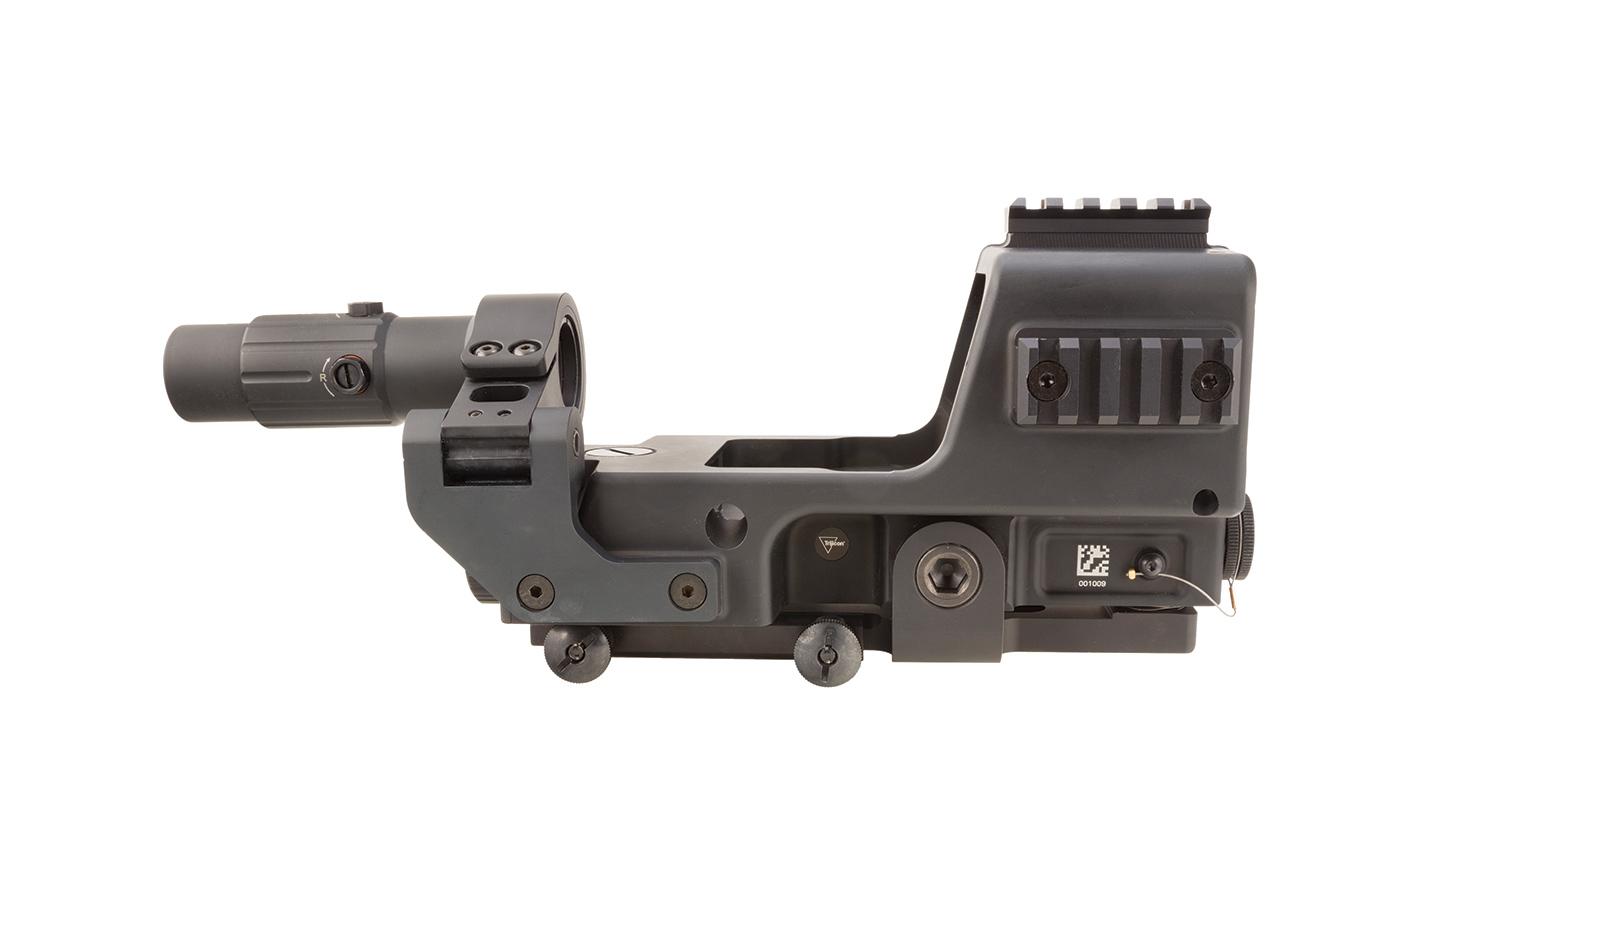 MGRS-D-2300005 angle 6